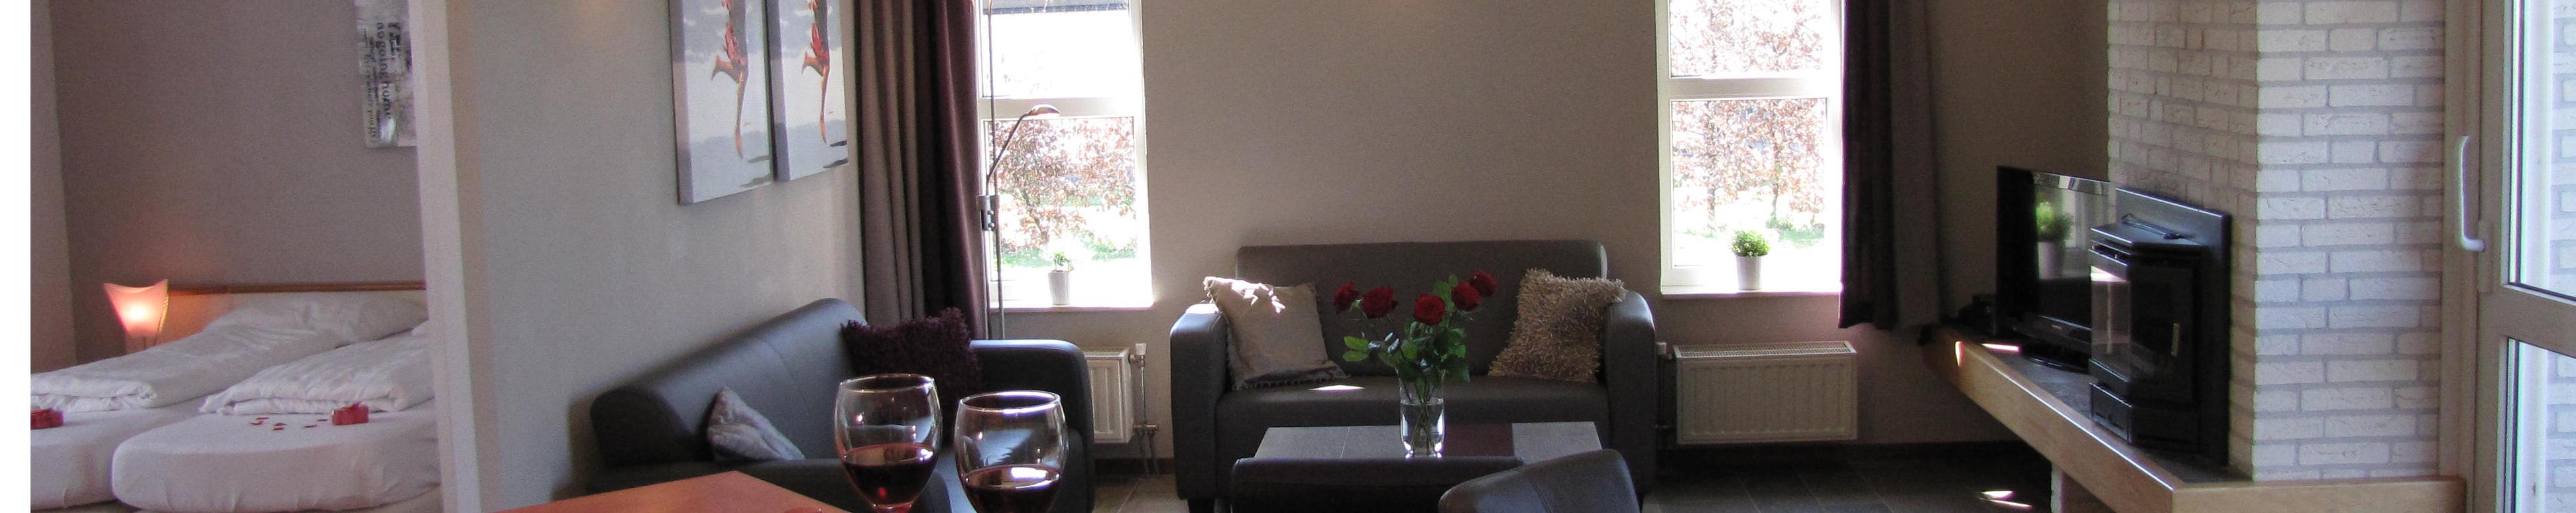 Woonkamer & keuken 1 50 x 10 Vet - Parc de Witte Vennen